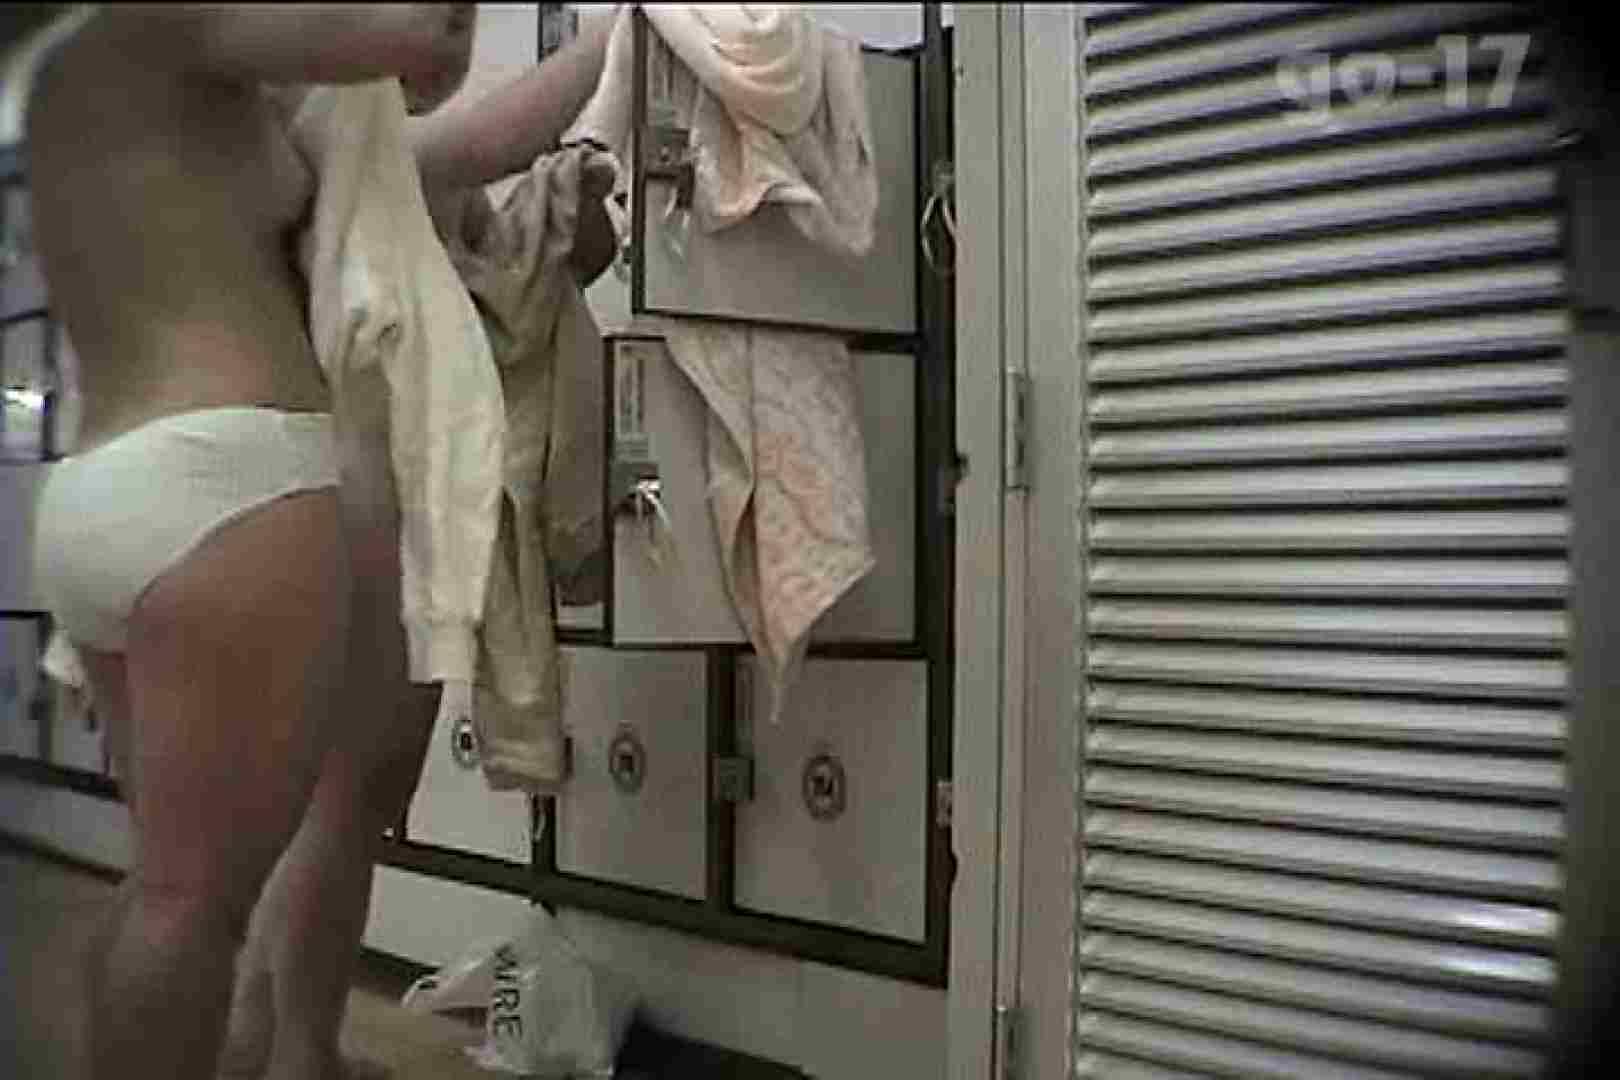 電波カメラ設置浴場からの防HAN映像 Vol.17 女湯  92PIX 81